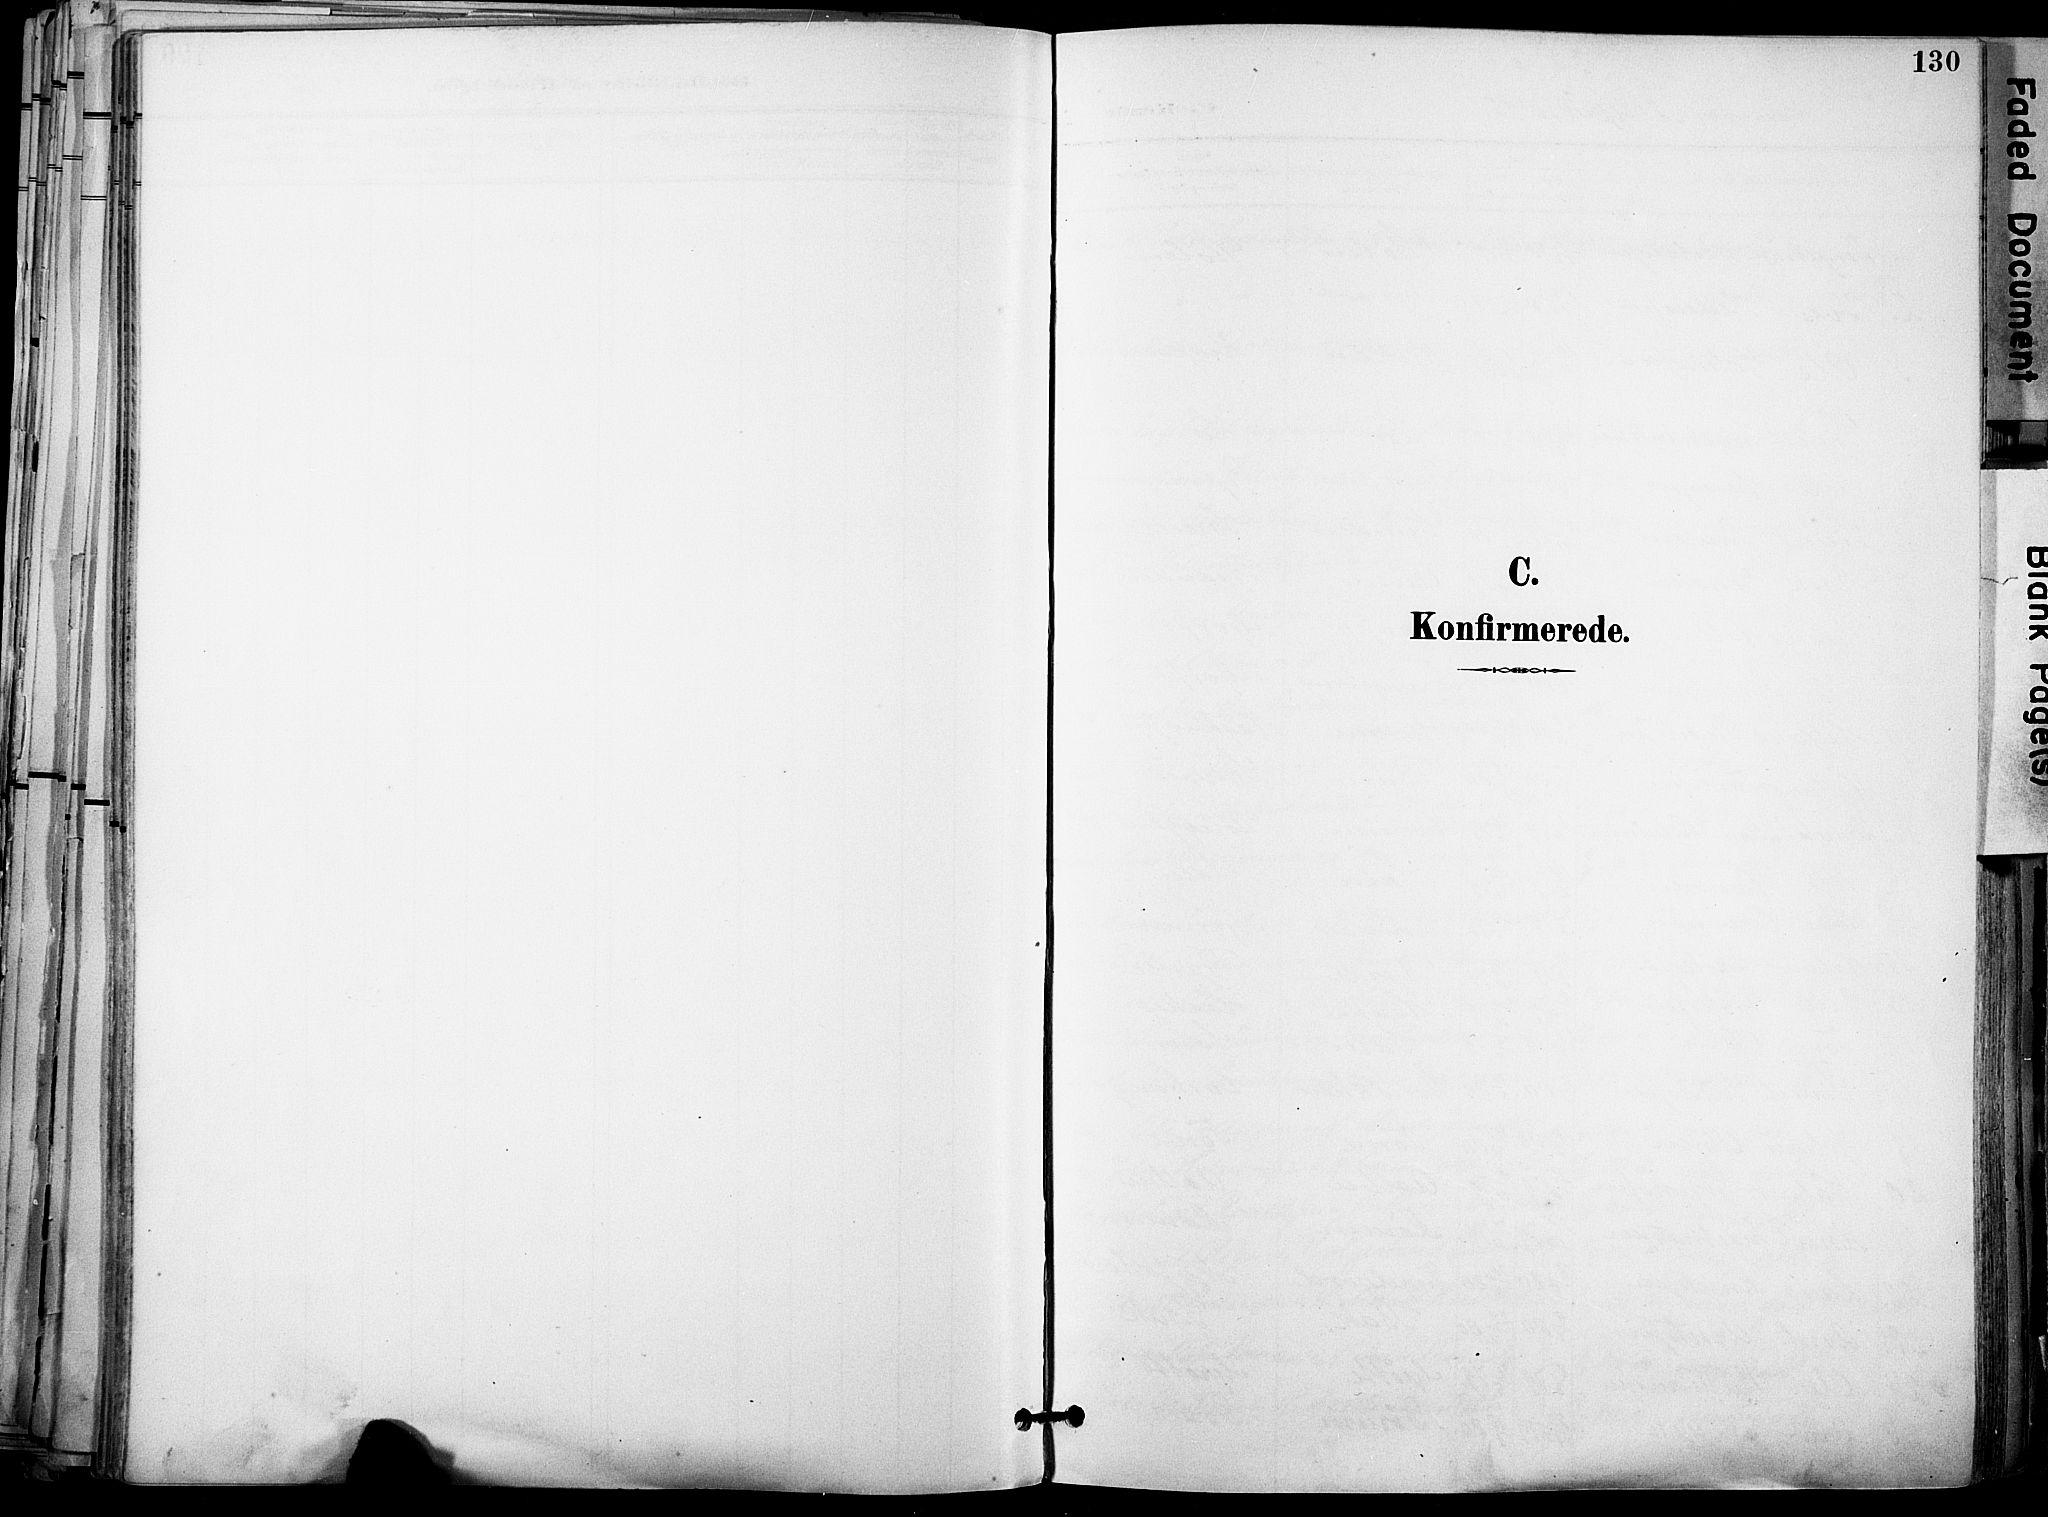 SAT, Ministerialprotokoller, klokkerbøker og fødselsregistre - Sør-Trøndelag, 678/L0902: Ministerialbok nr. 678A11, 1895-1911, s. 130